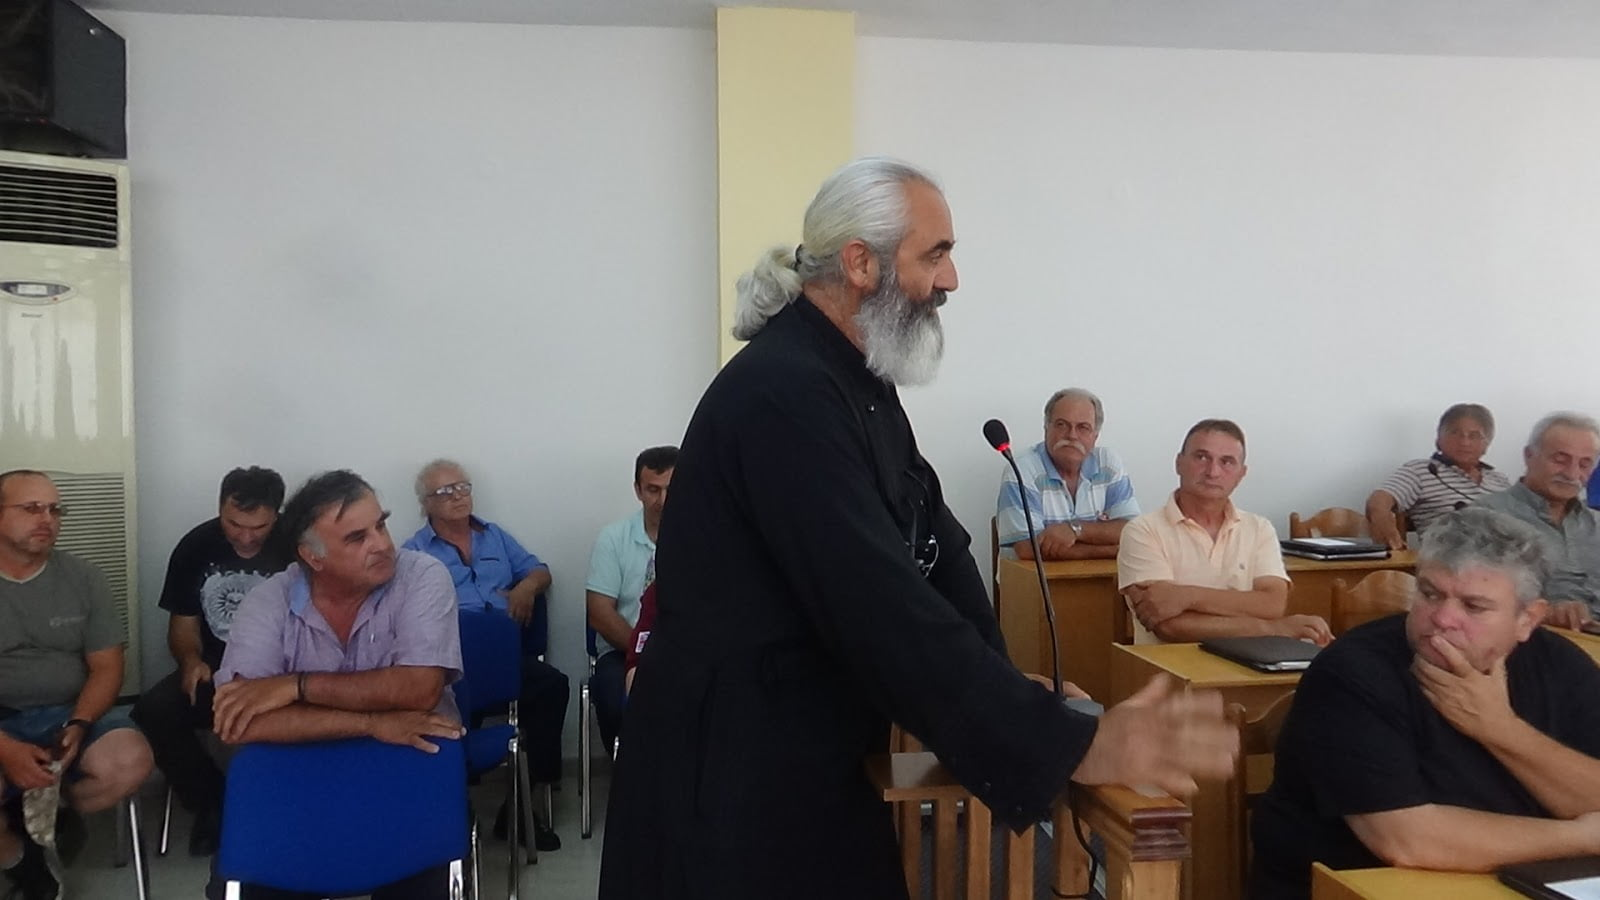 Δήθεν «Μακεδονική» Μειονότητα και Εθνική Ανικανότητα